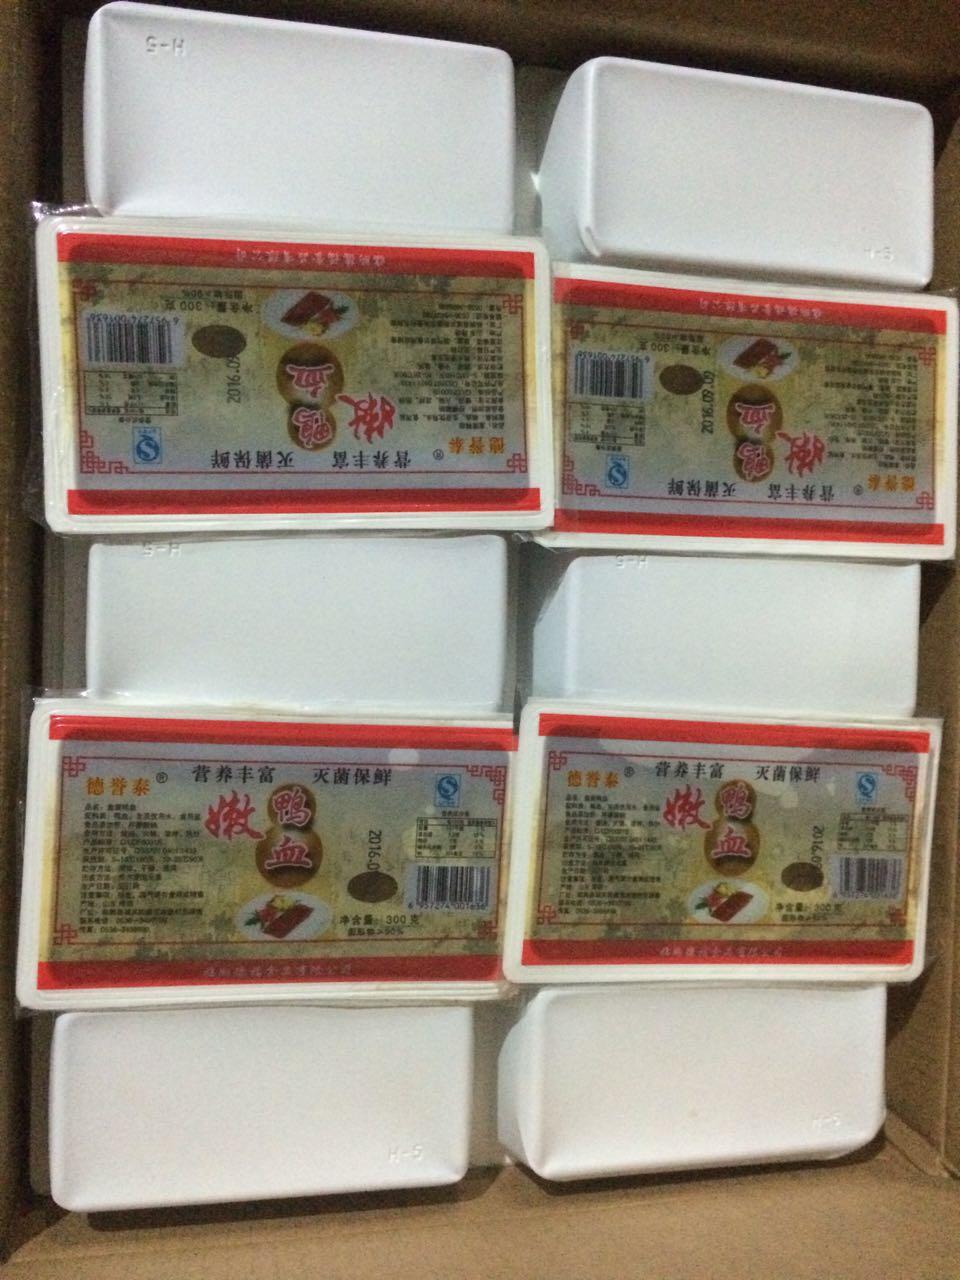 品质好的鸭血生产厂家——山东德福食品有限公司